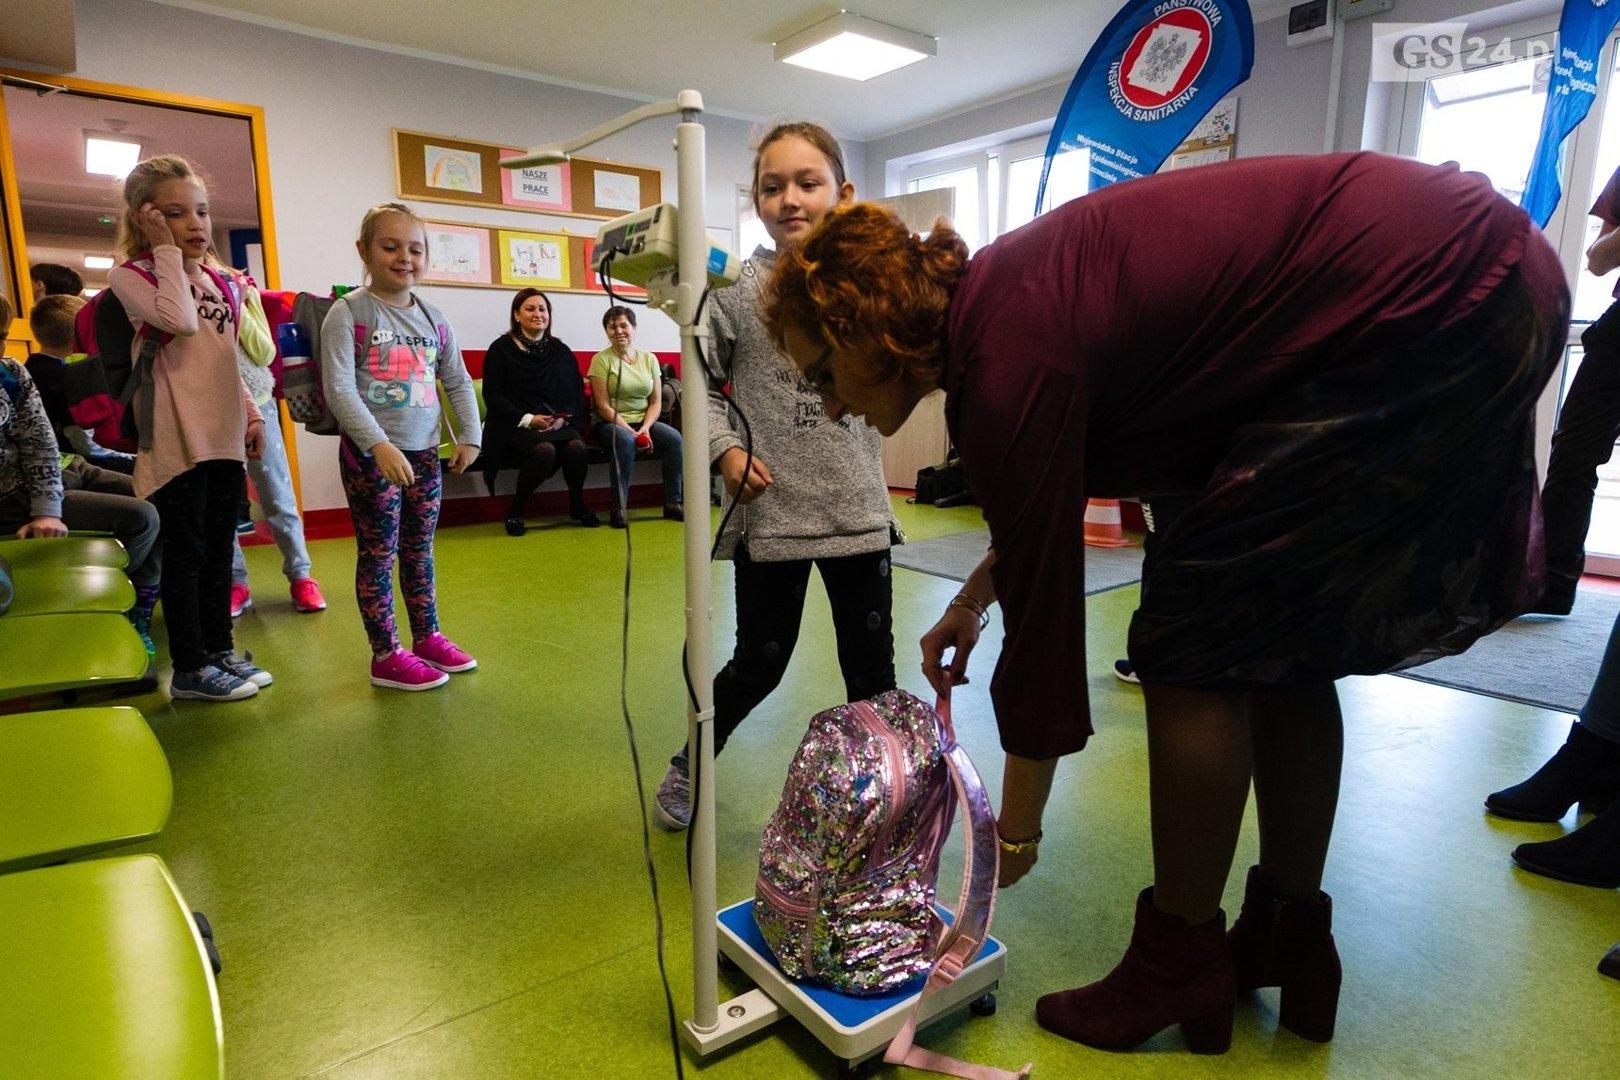 abd7f1d1d9c60 Dzieci noszą za ciężkie tornistry. W szkołach trwa ważenie. Sanepid apeluje  do rodziców